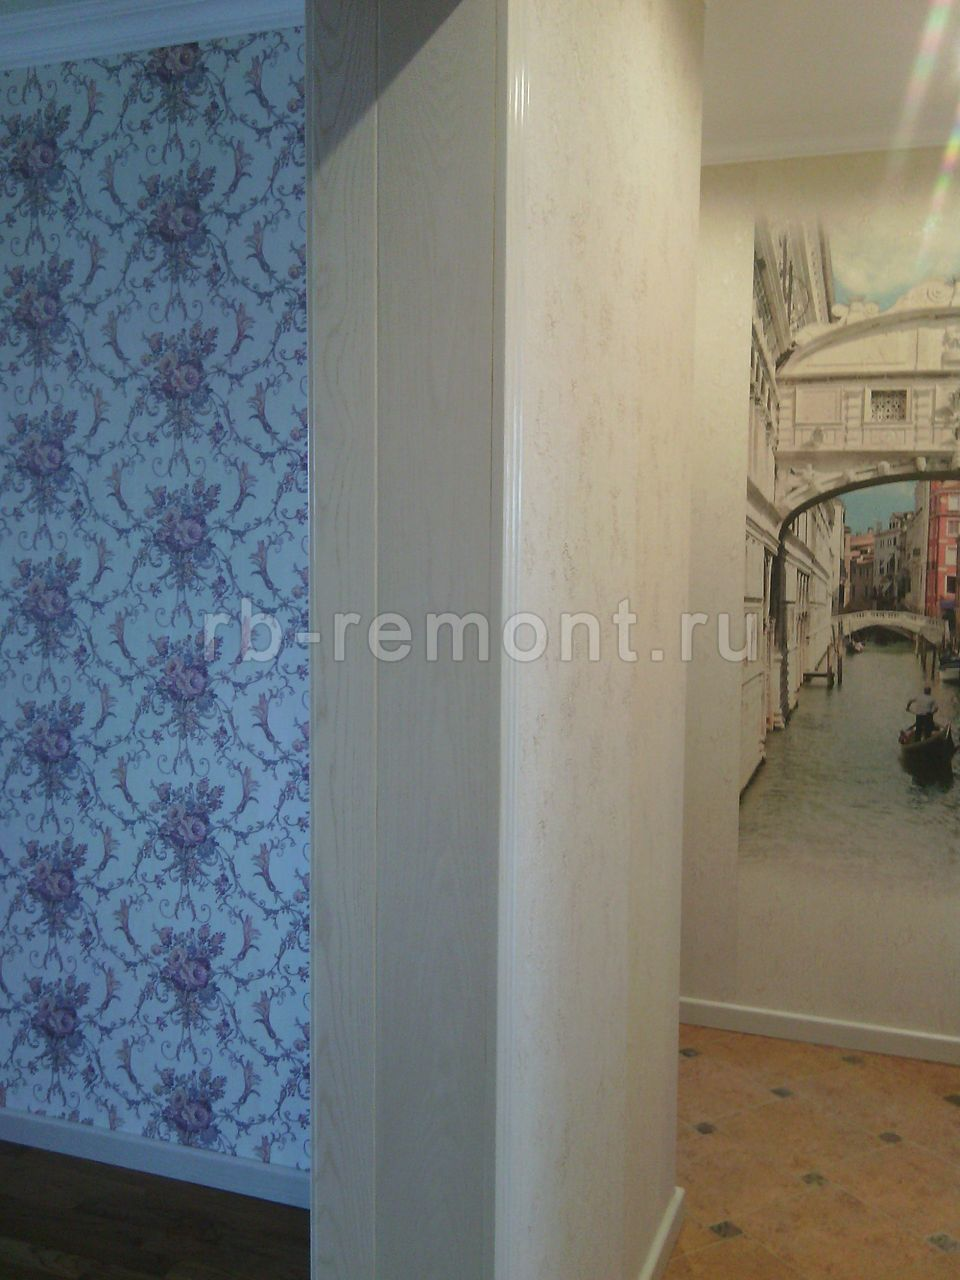 https://www.rb-remont.ru/raboty/photo_/komsomolskaya-125.1-00/img/img_20150709_120817.jpg (бол.)